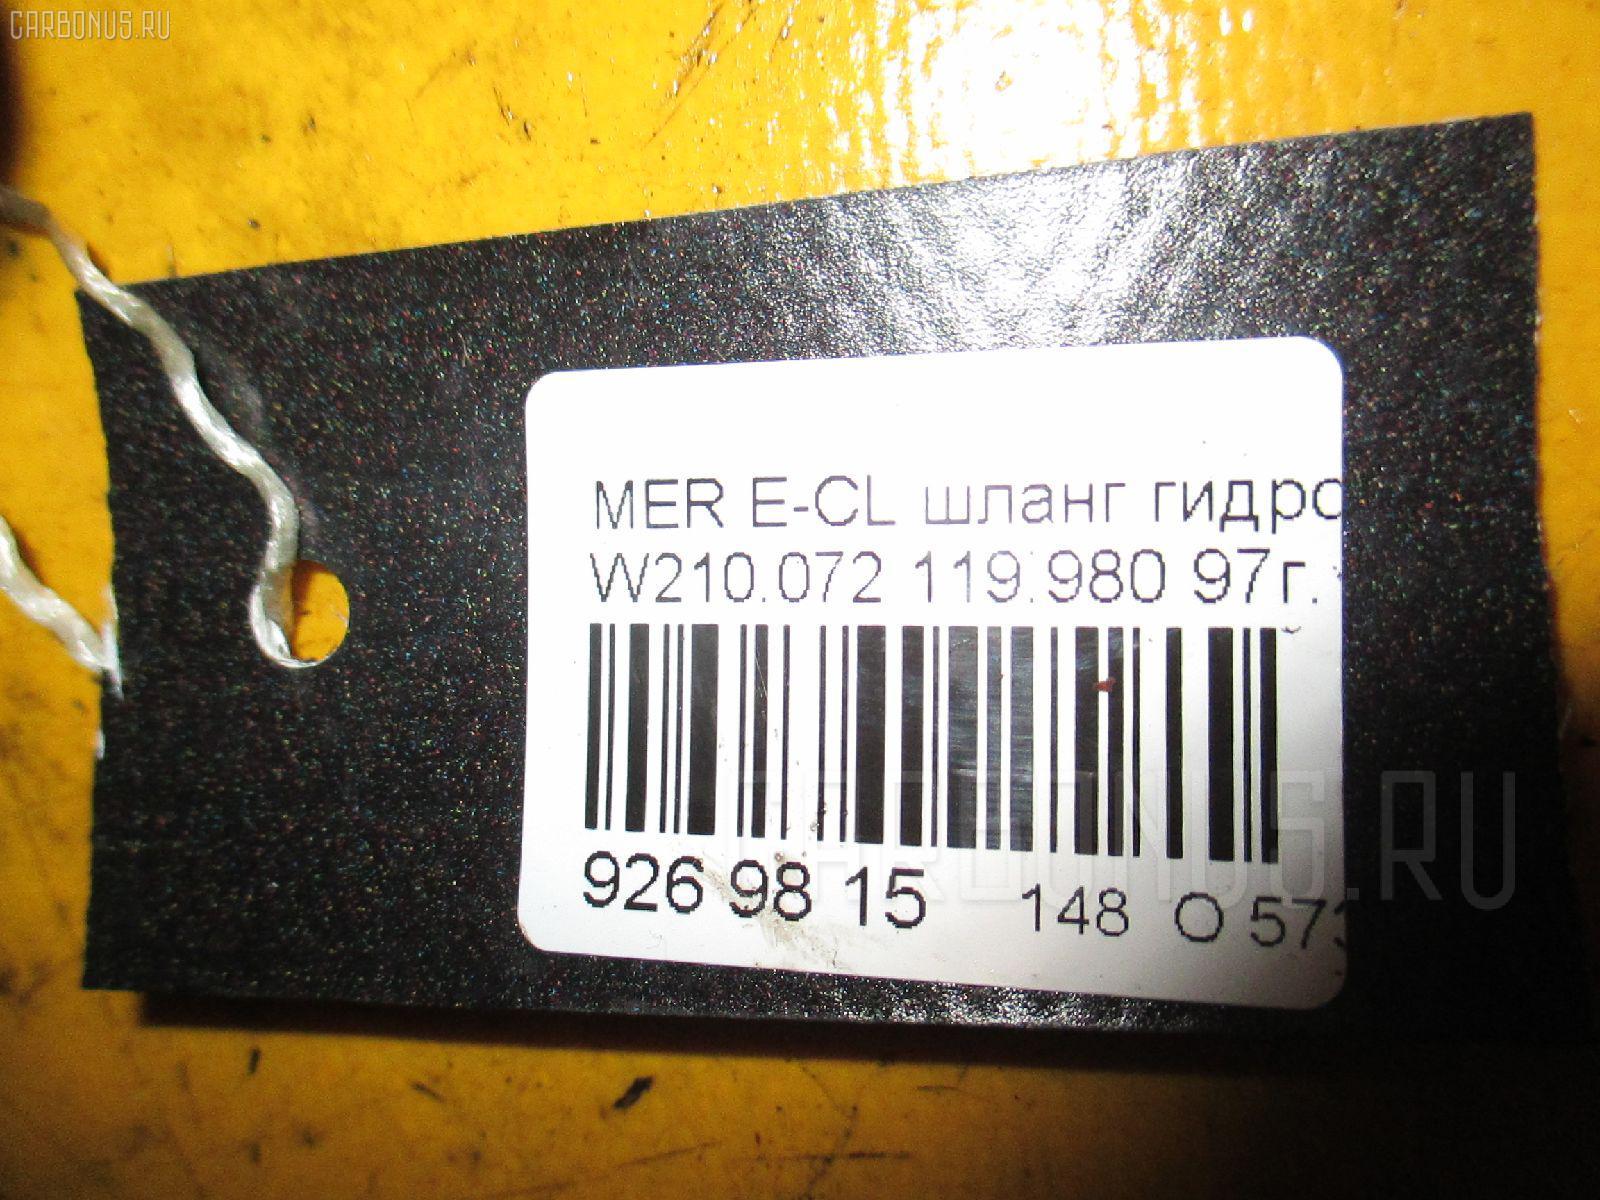 Шланг гидроусилителя MERCEDES-BENZ E-CLASS W210.072 119.980 Фото 8